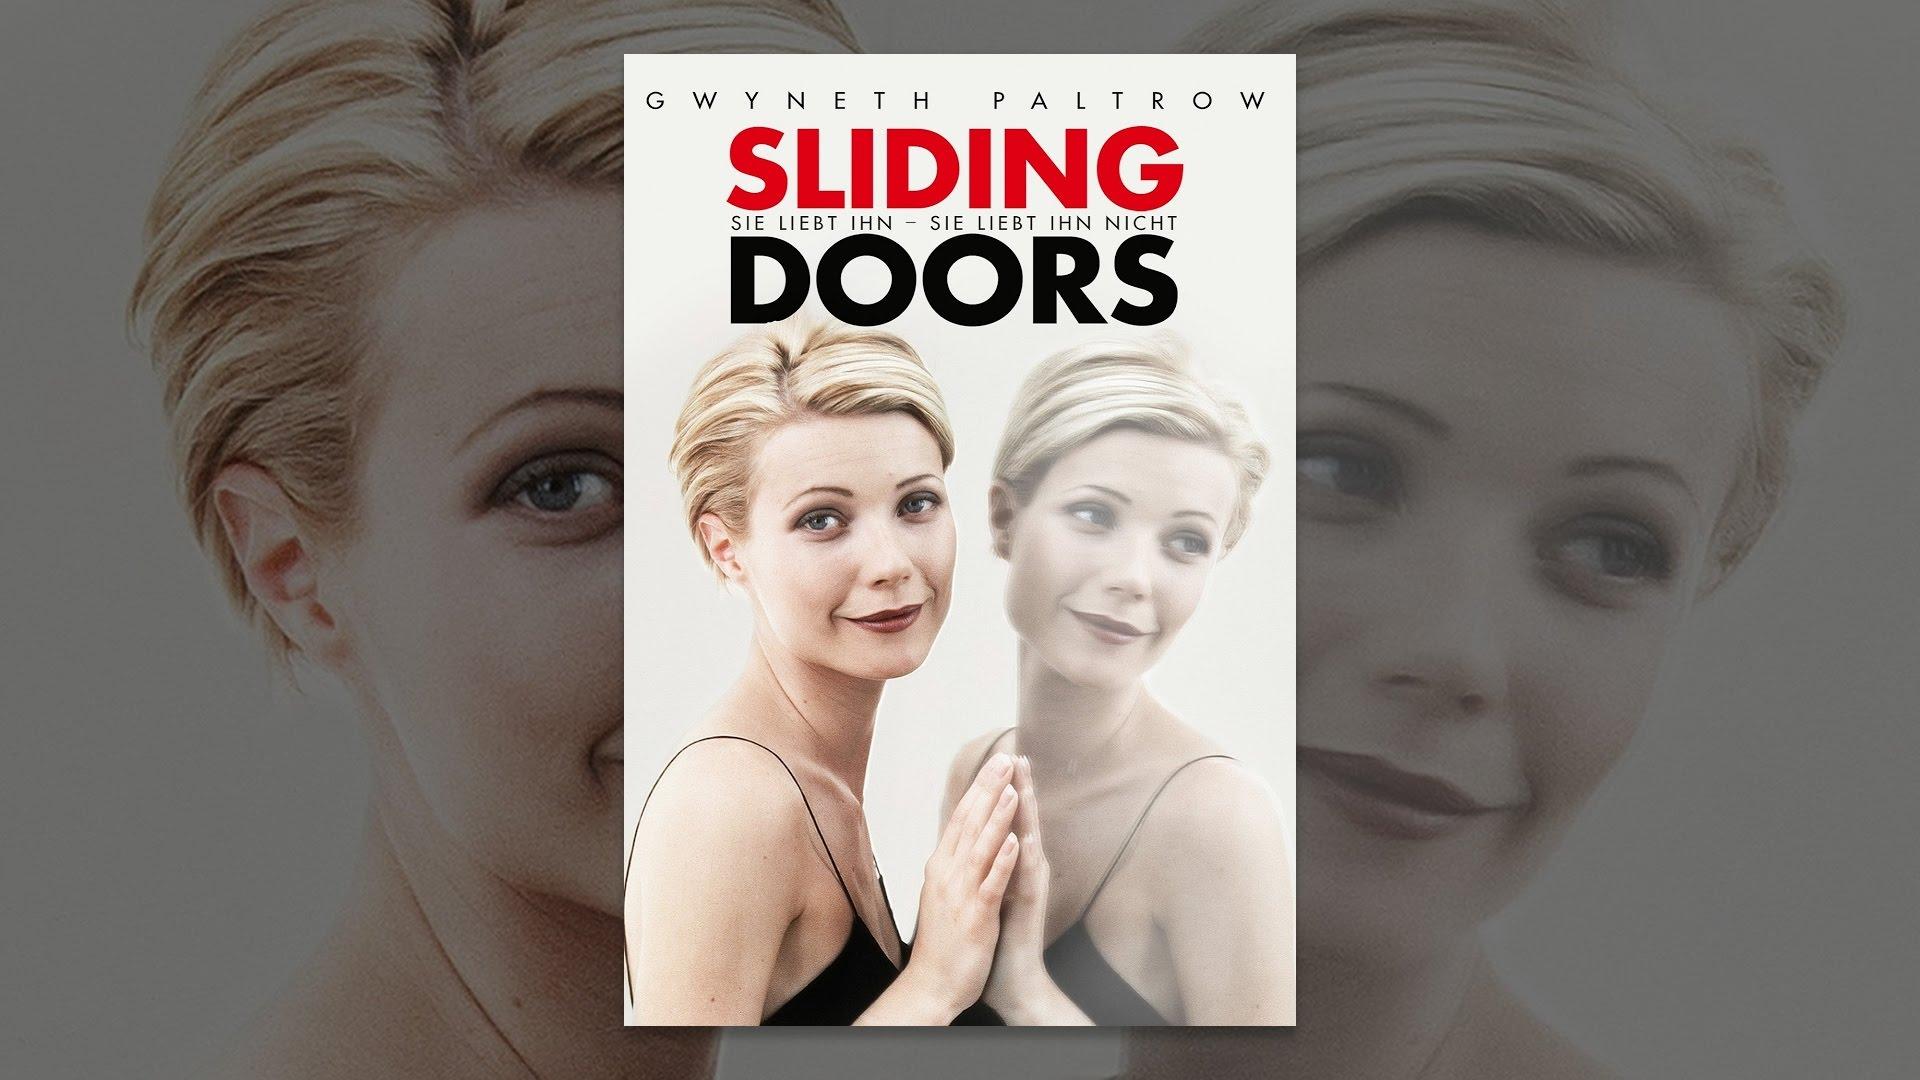 Sliding Doors Sie Liebt Ihn Sie Liebt Ihn Nicht Youtube